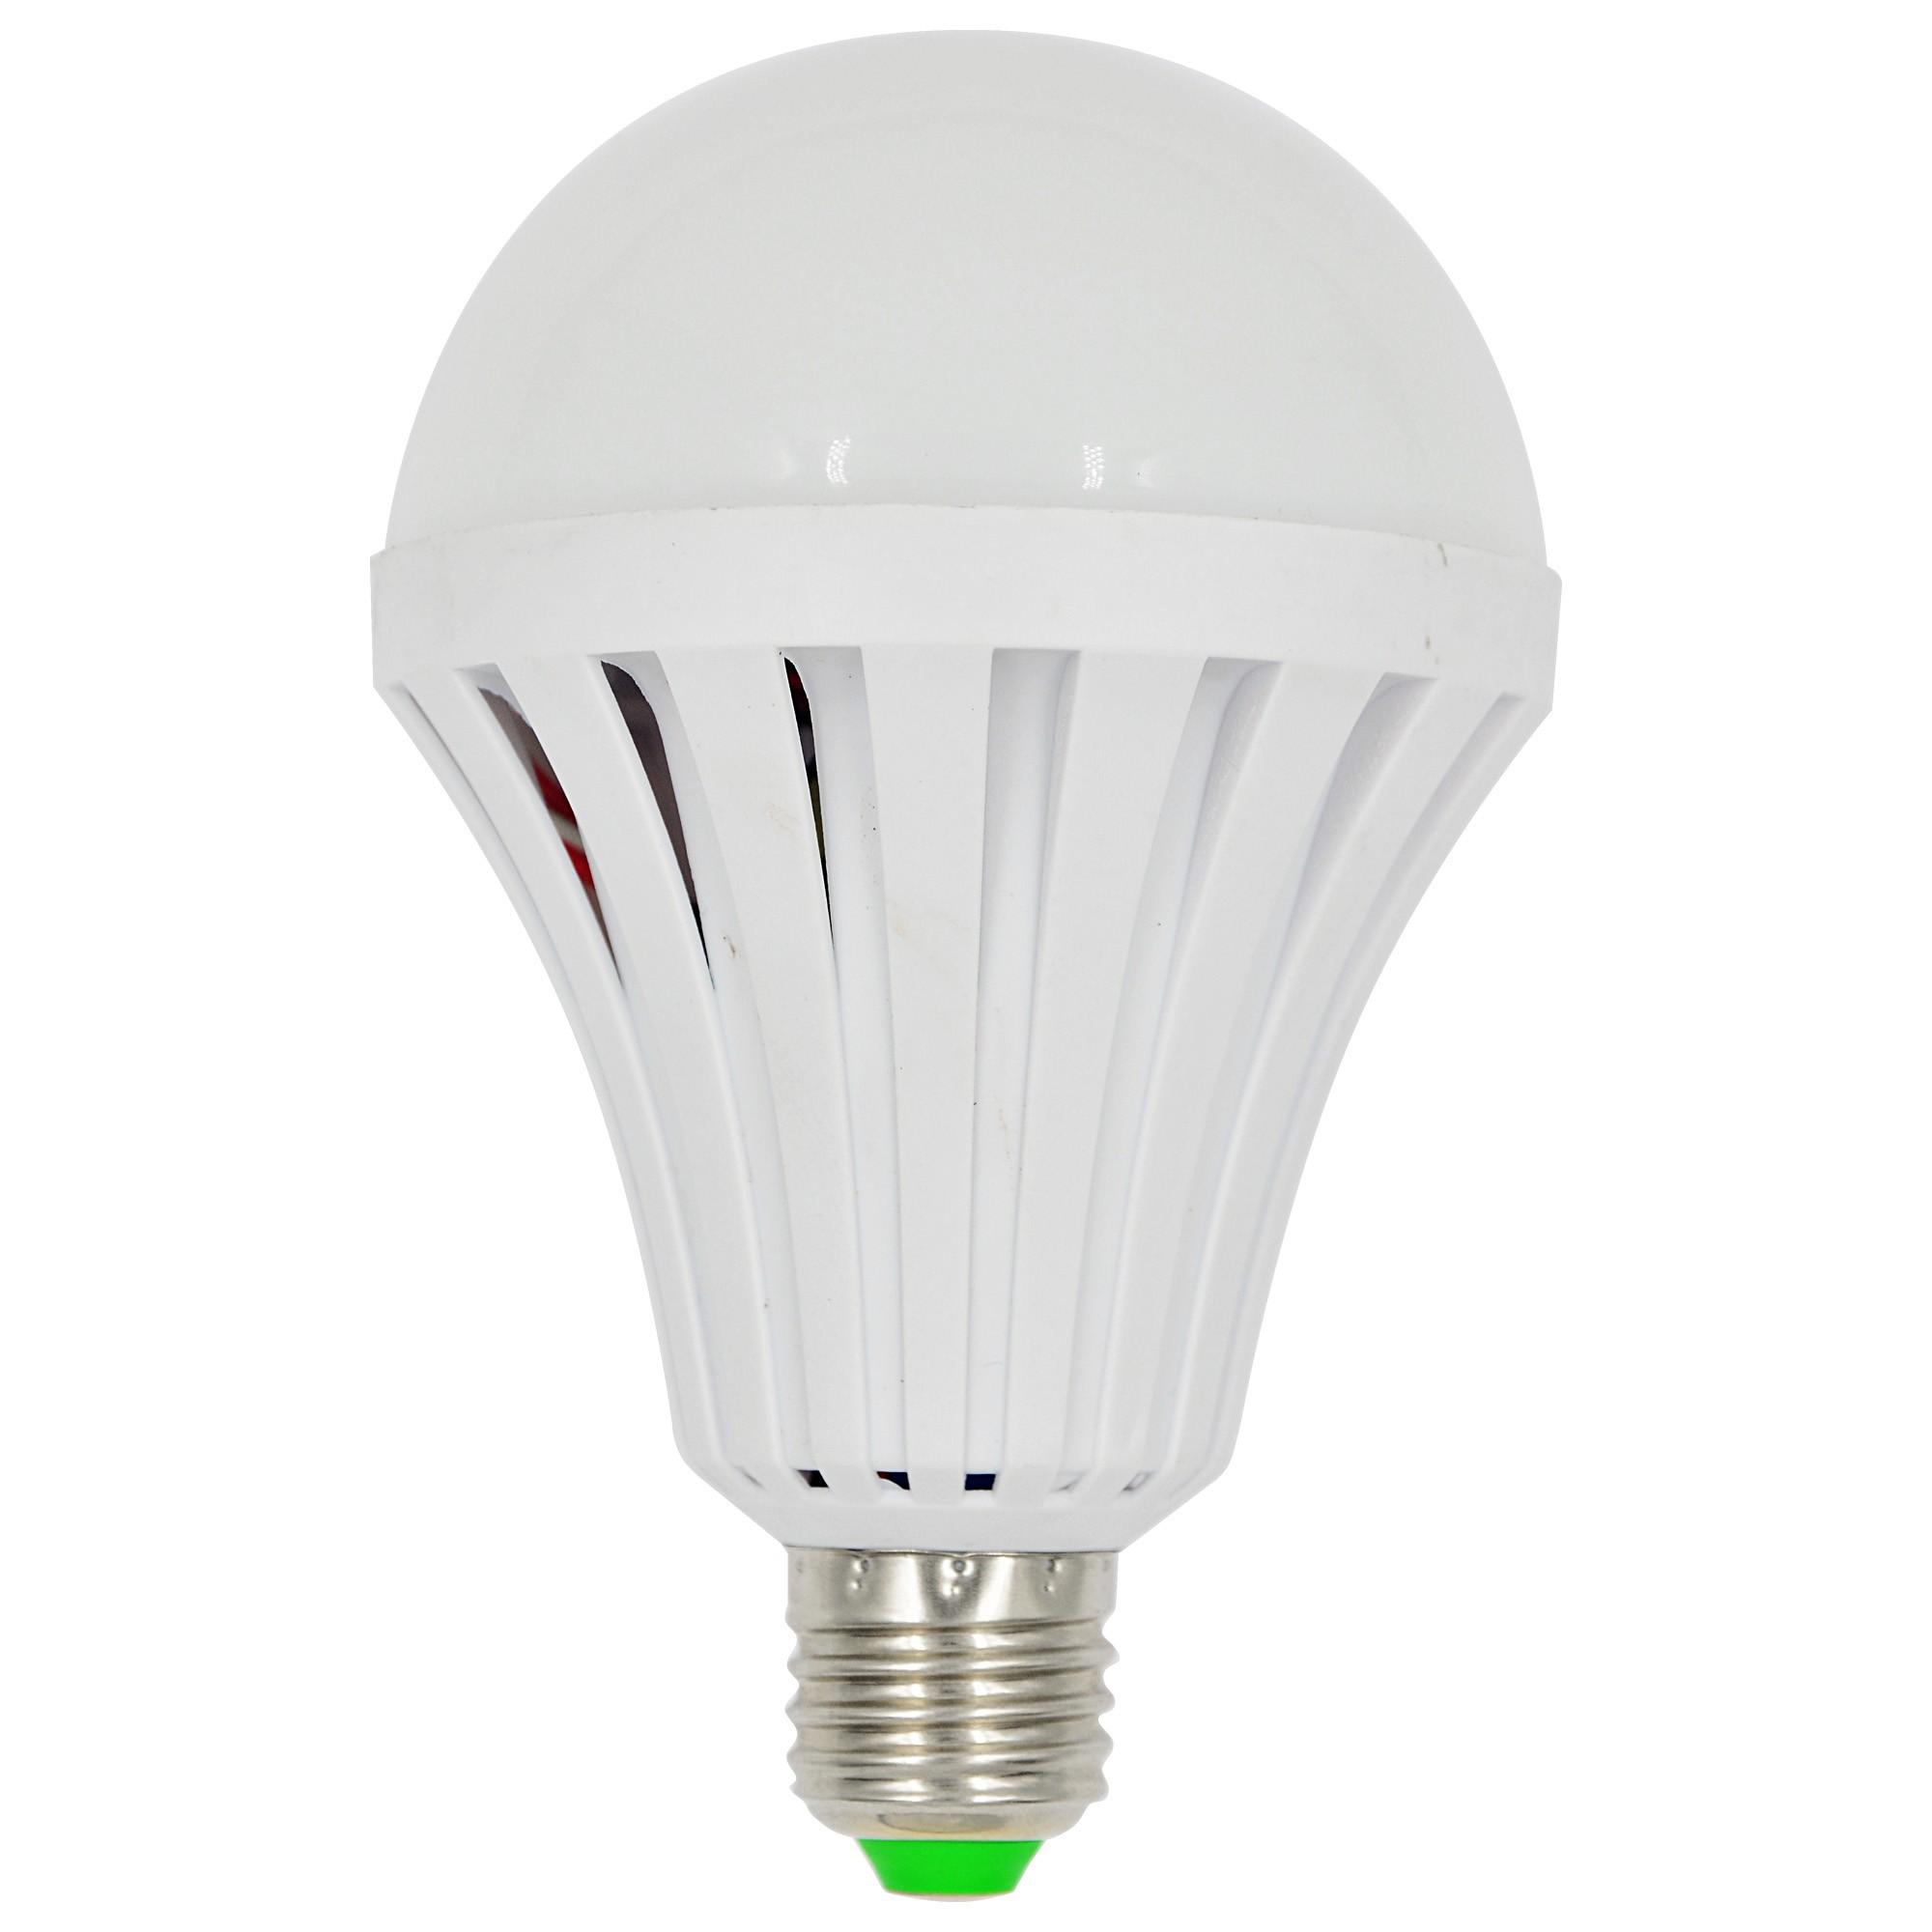 Mengsled mengs anti strobe e w led emergency light